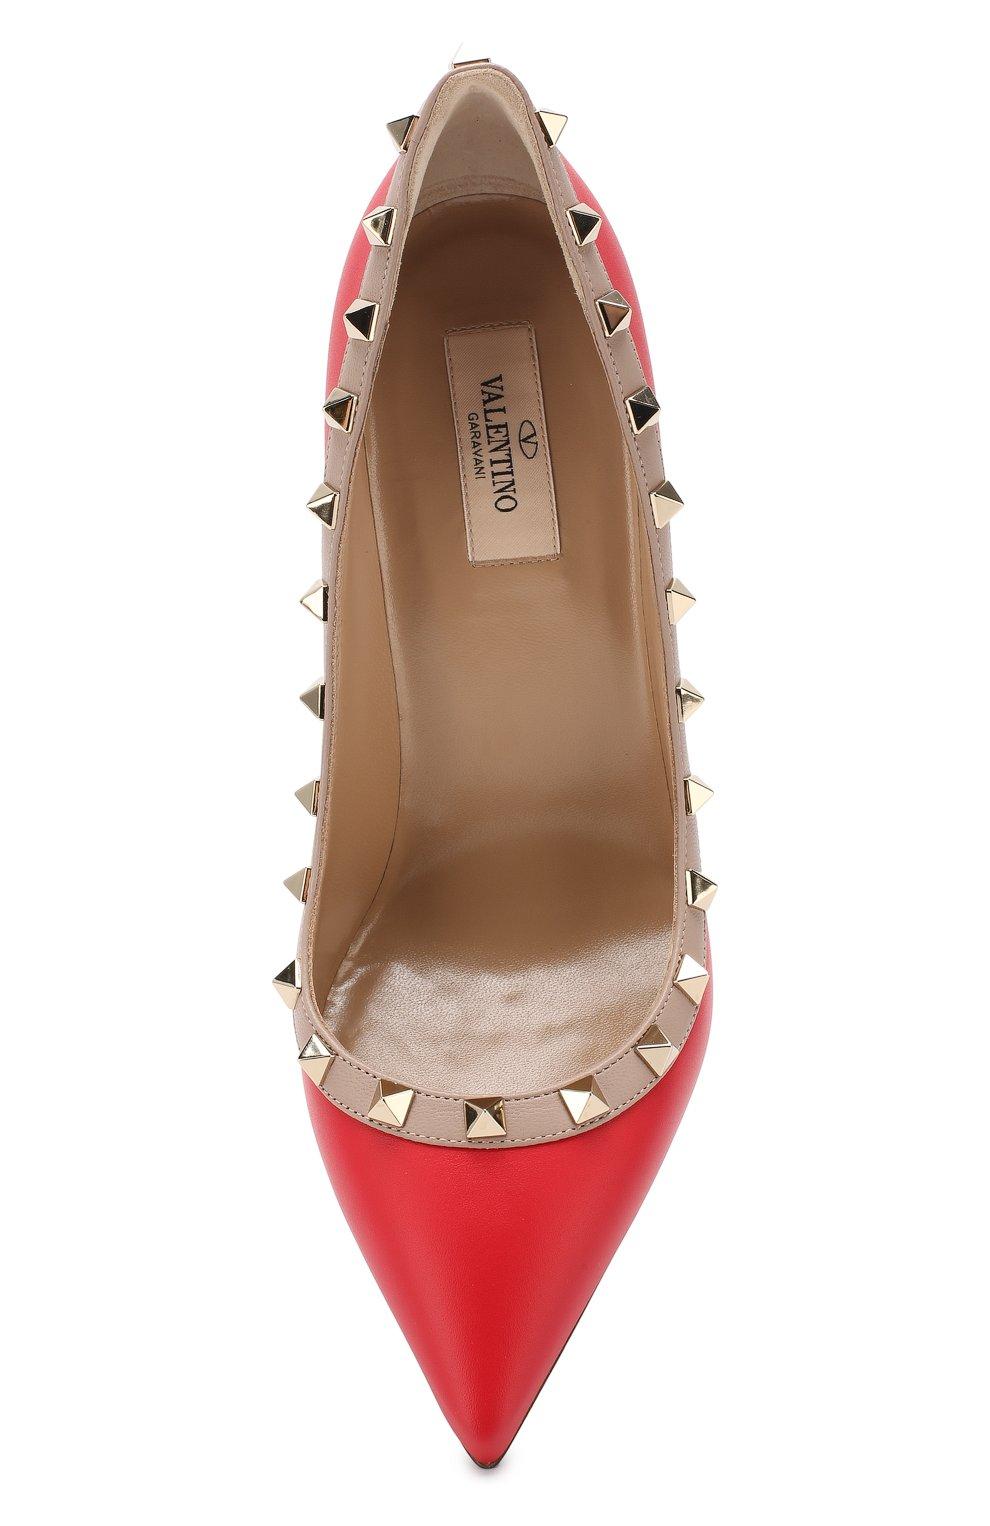 Кожаные туфли Valentino Garavani Rockstud | Фото №5